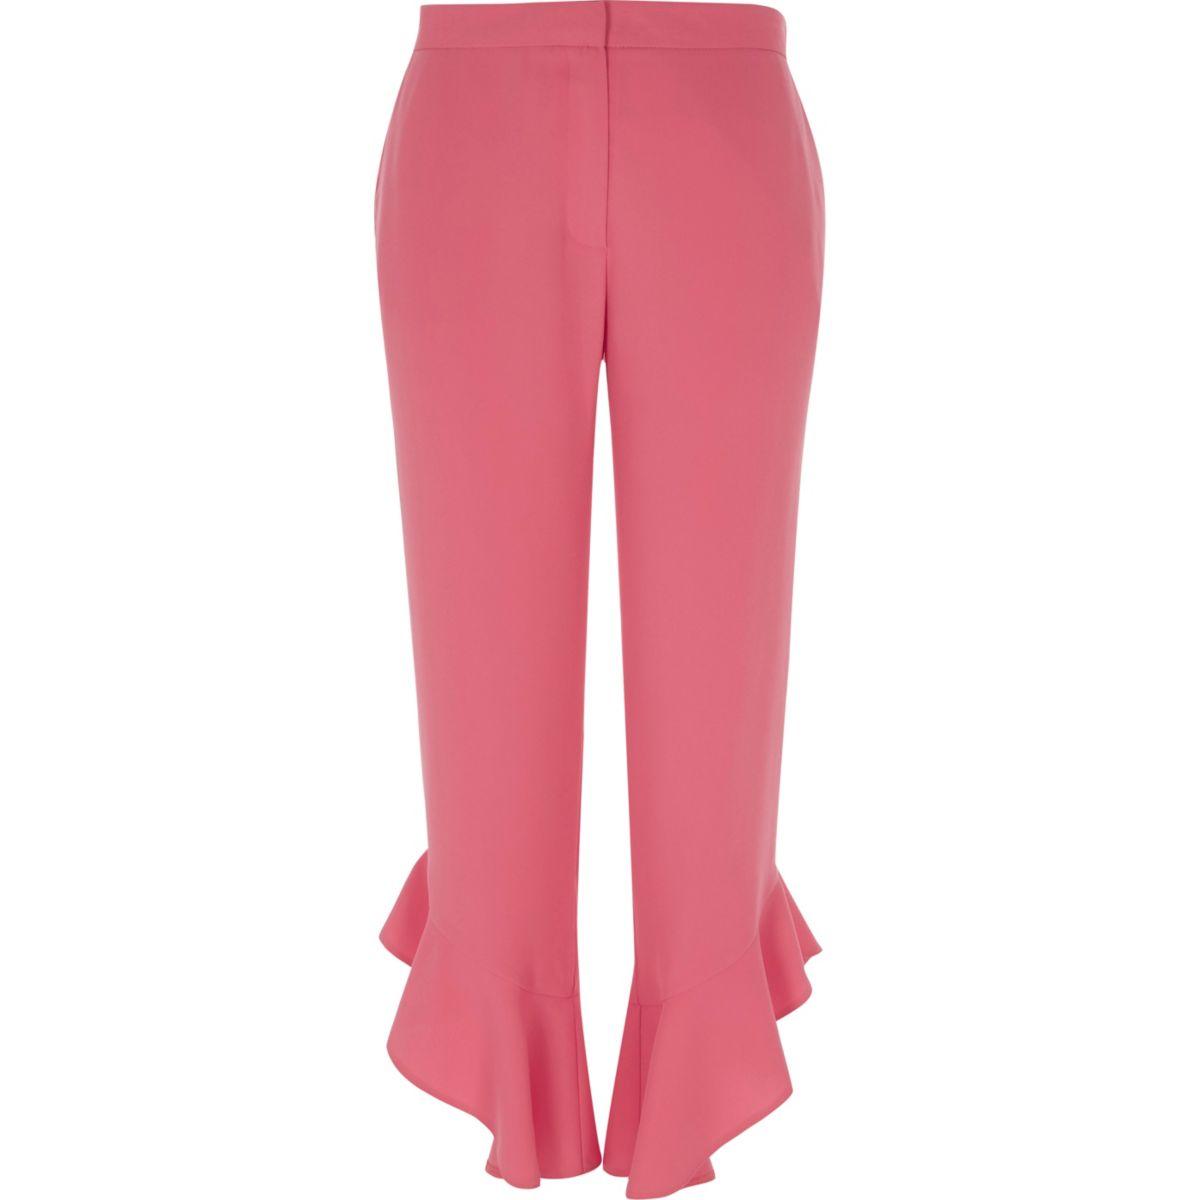 Pinke Hose mit geradem Bein und Rüschenbesatz